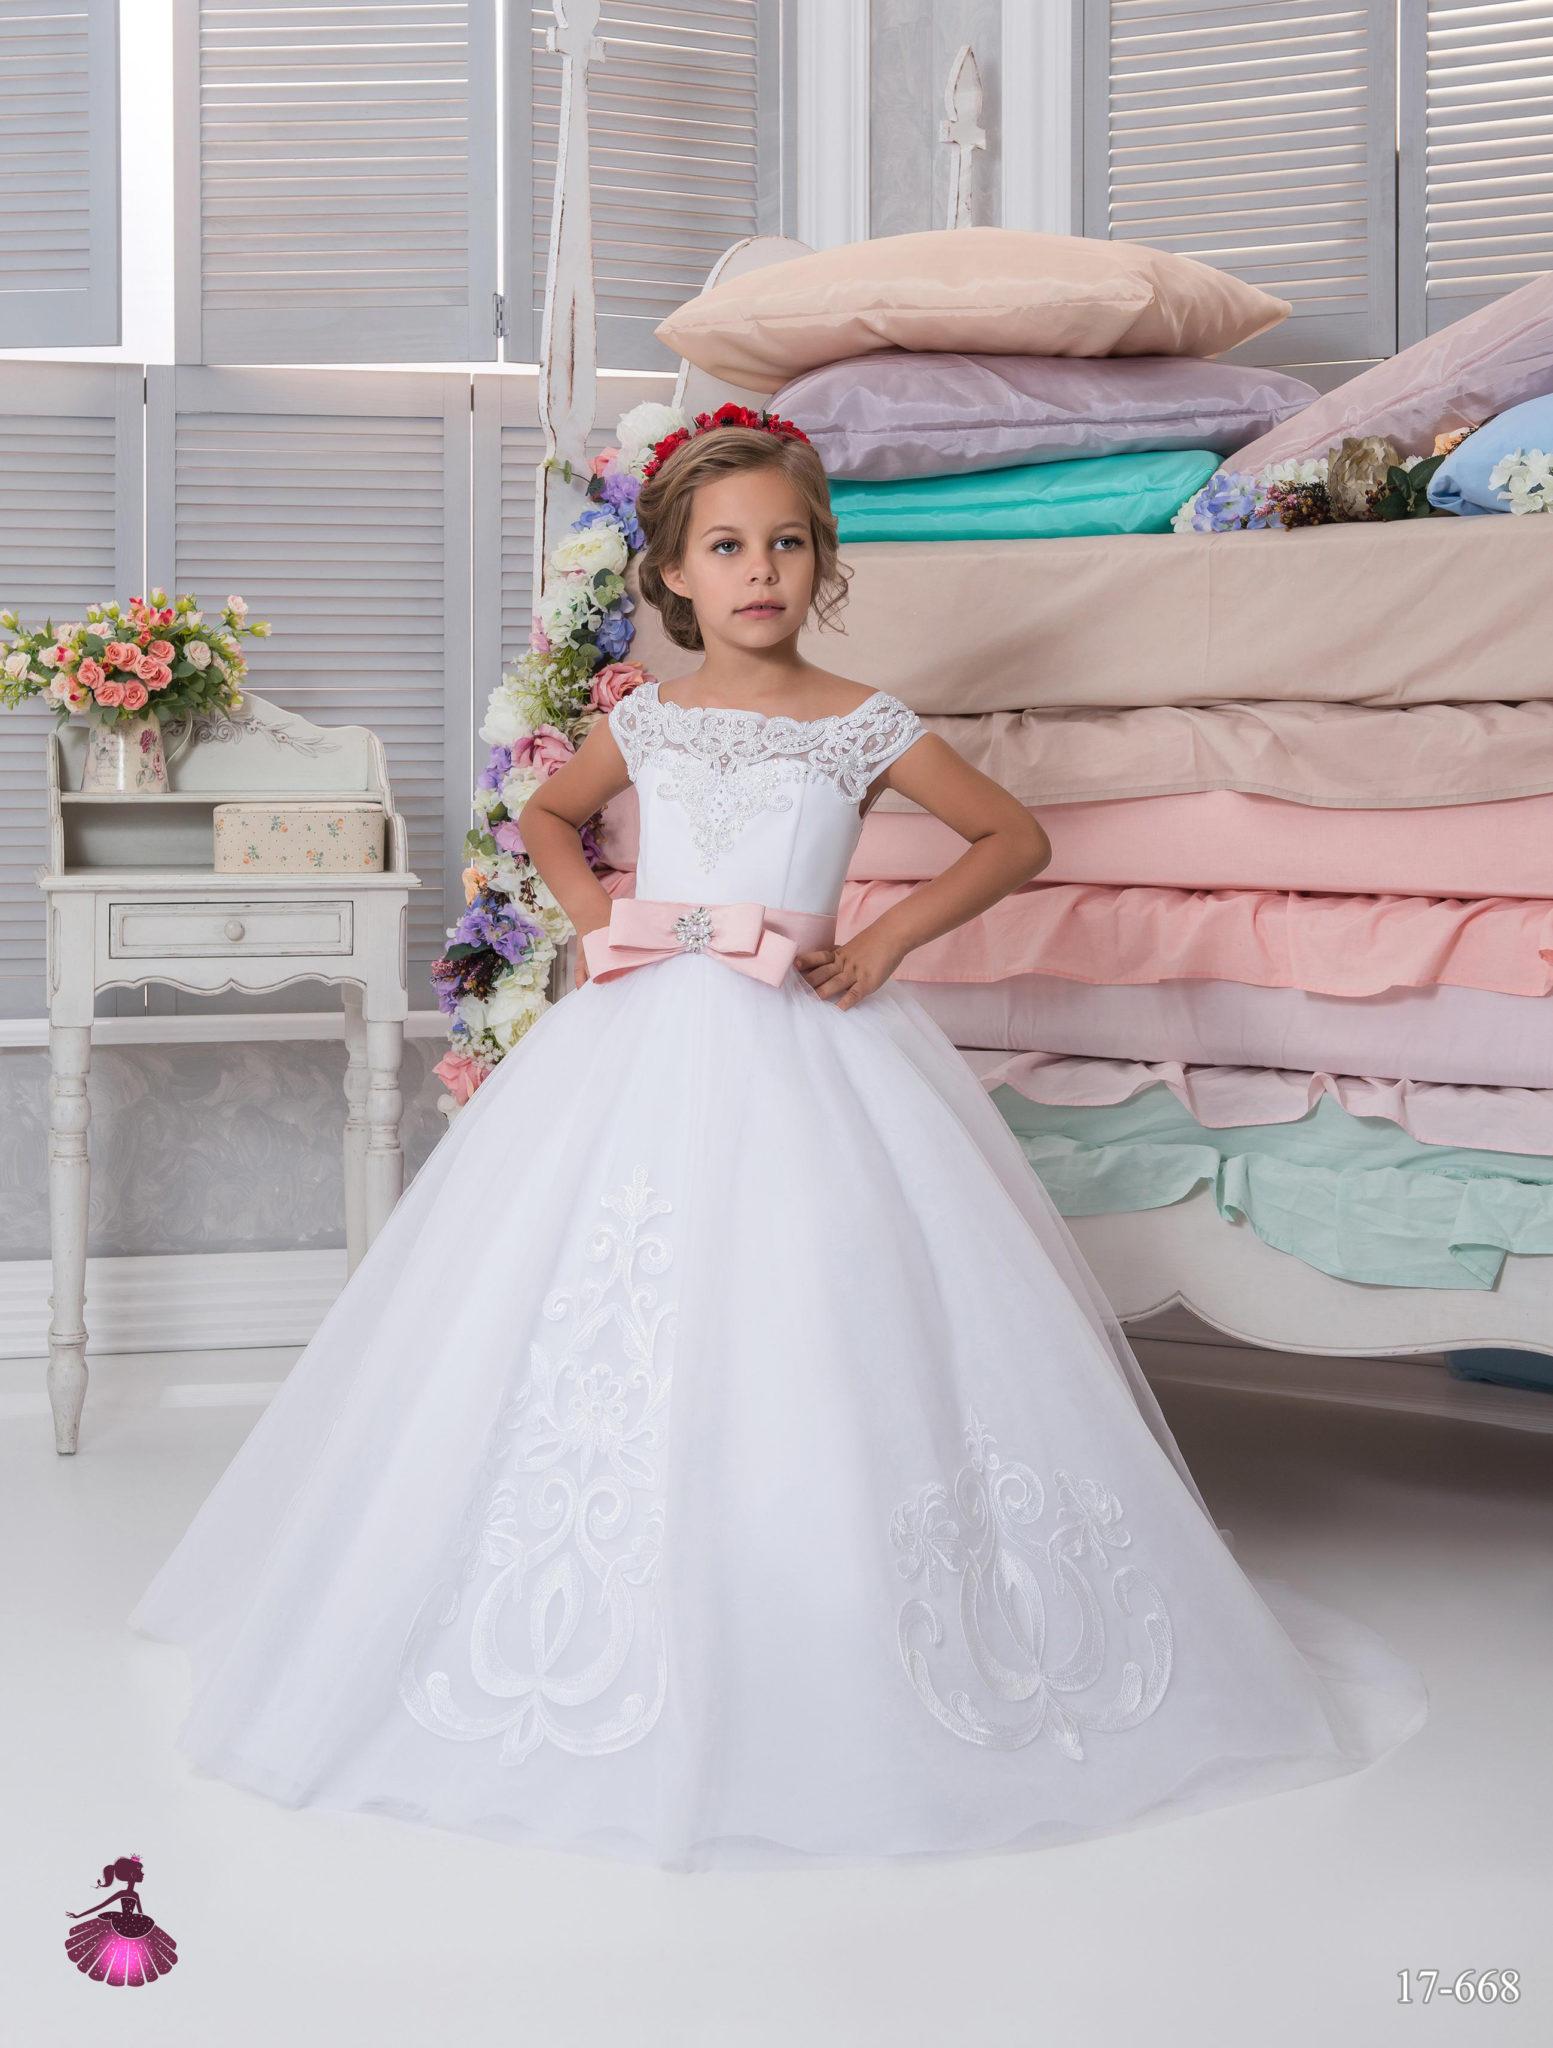 Аренда платьев Little queen dress в фотостудии Frontpage 17-668 04